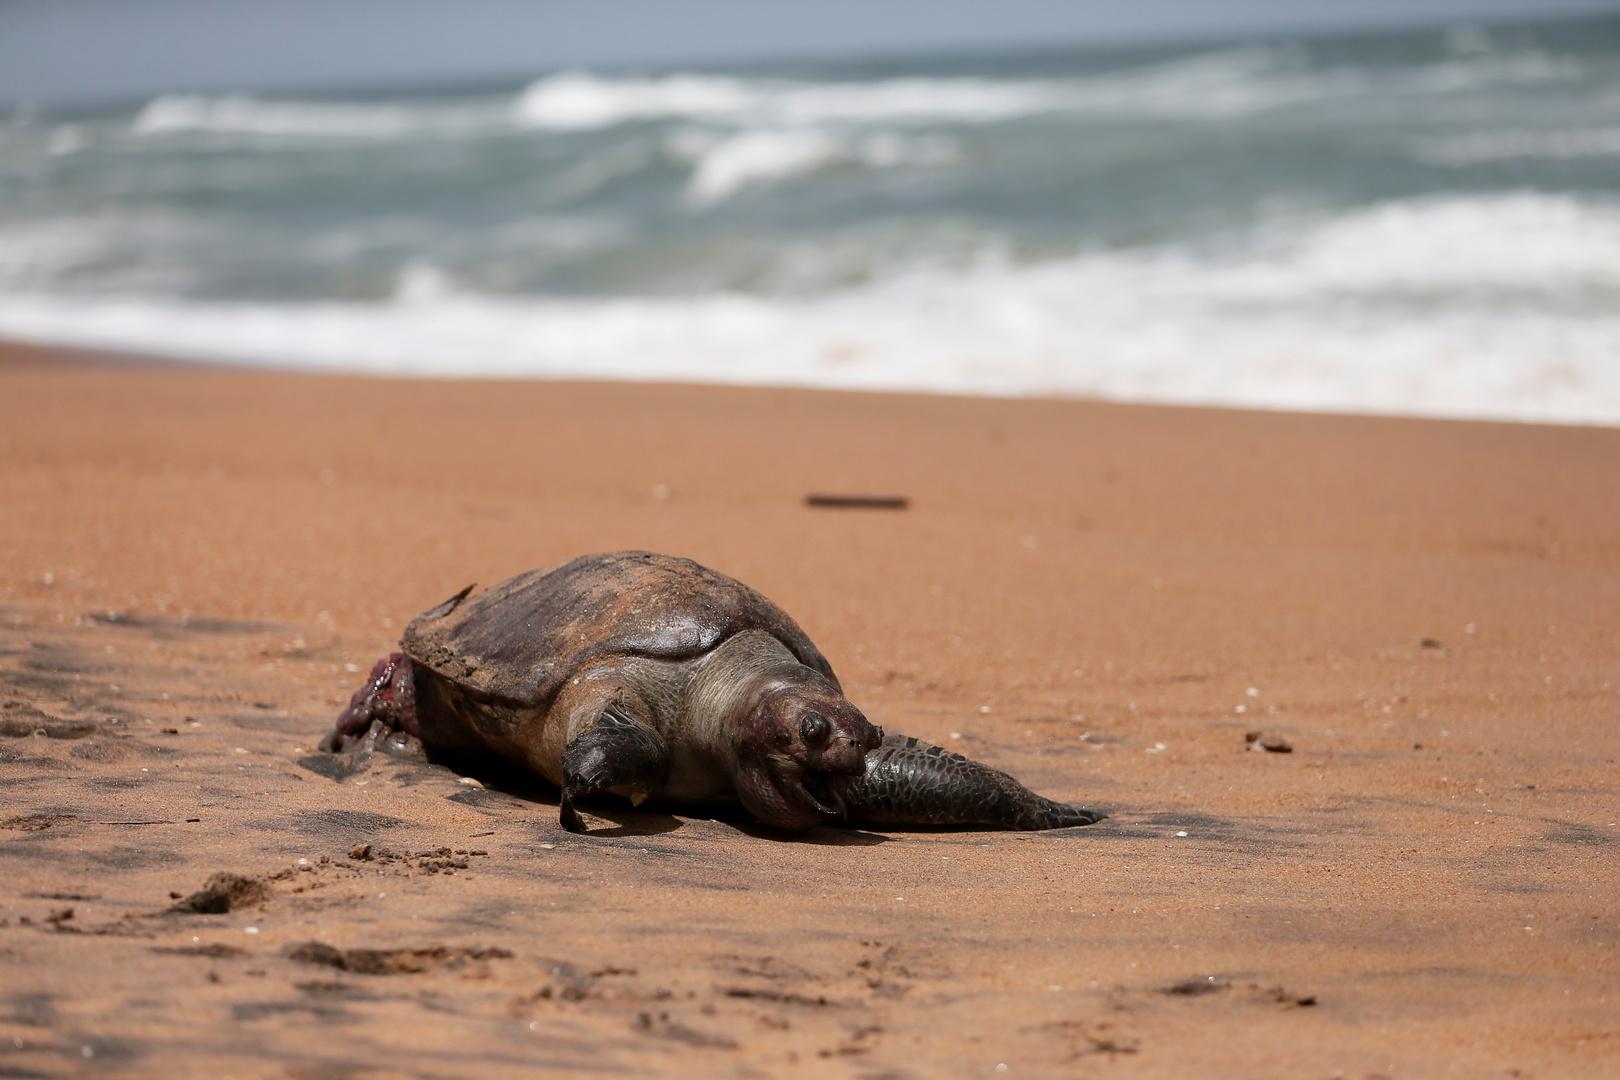 انجراف نحو 200 سلحفاة ودلفين نافقة إلى ساحل سريلانكا بعد غرق سفينة شحن